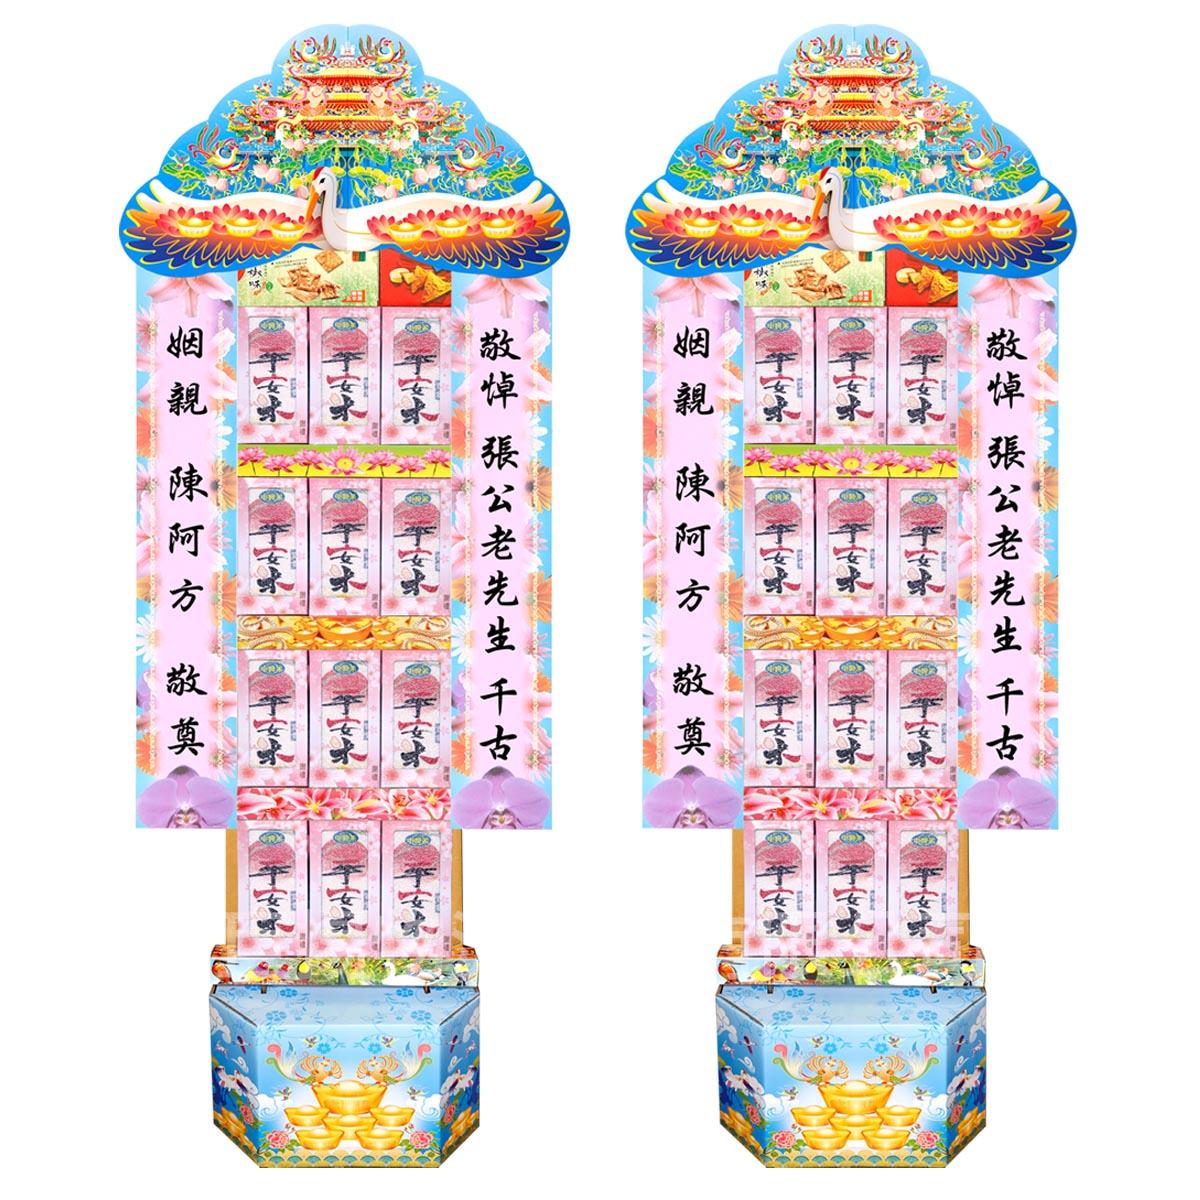 喪禮用罐頭塔-3x4平安米罐頭塔禮籃-中興富貴平安米